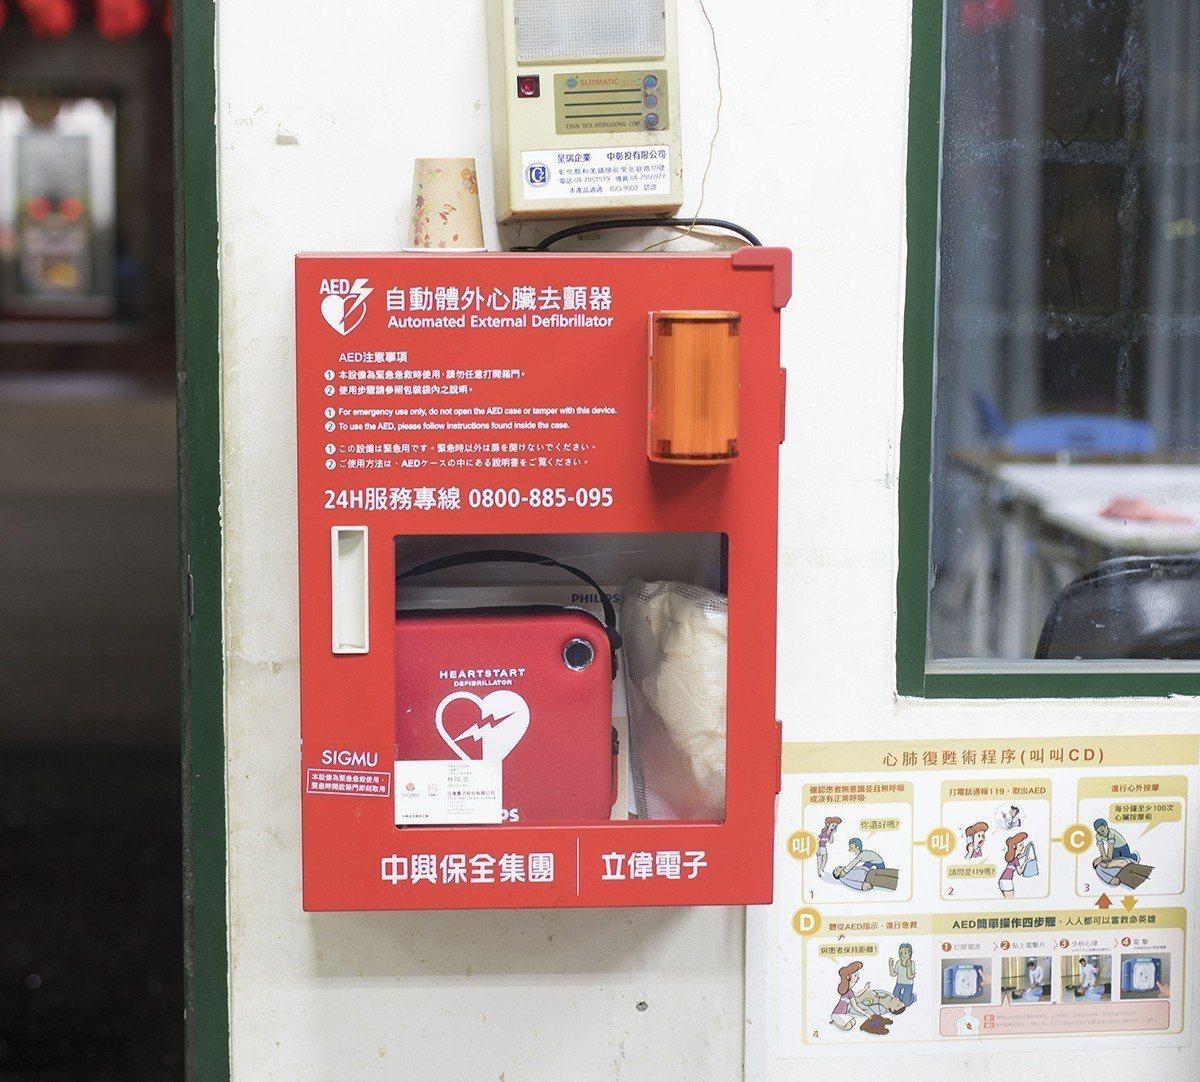 源埤里社區活動中心的AED,是賜懋洋傘公司3年前捐贈的。 圖/中保 提供